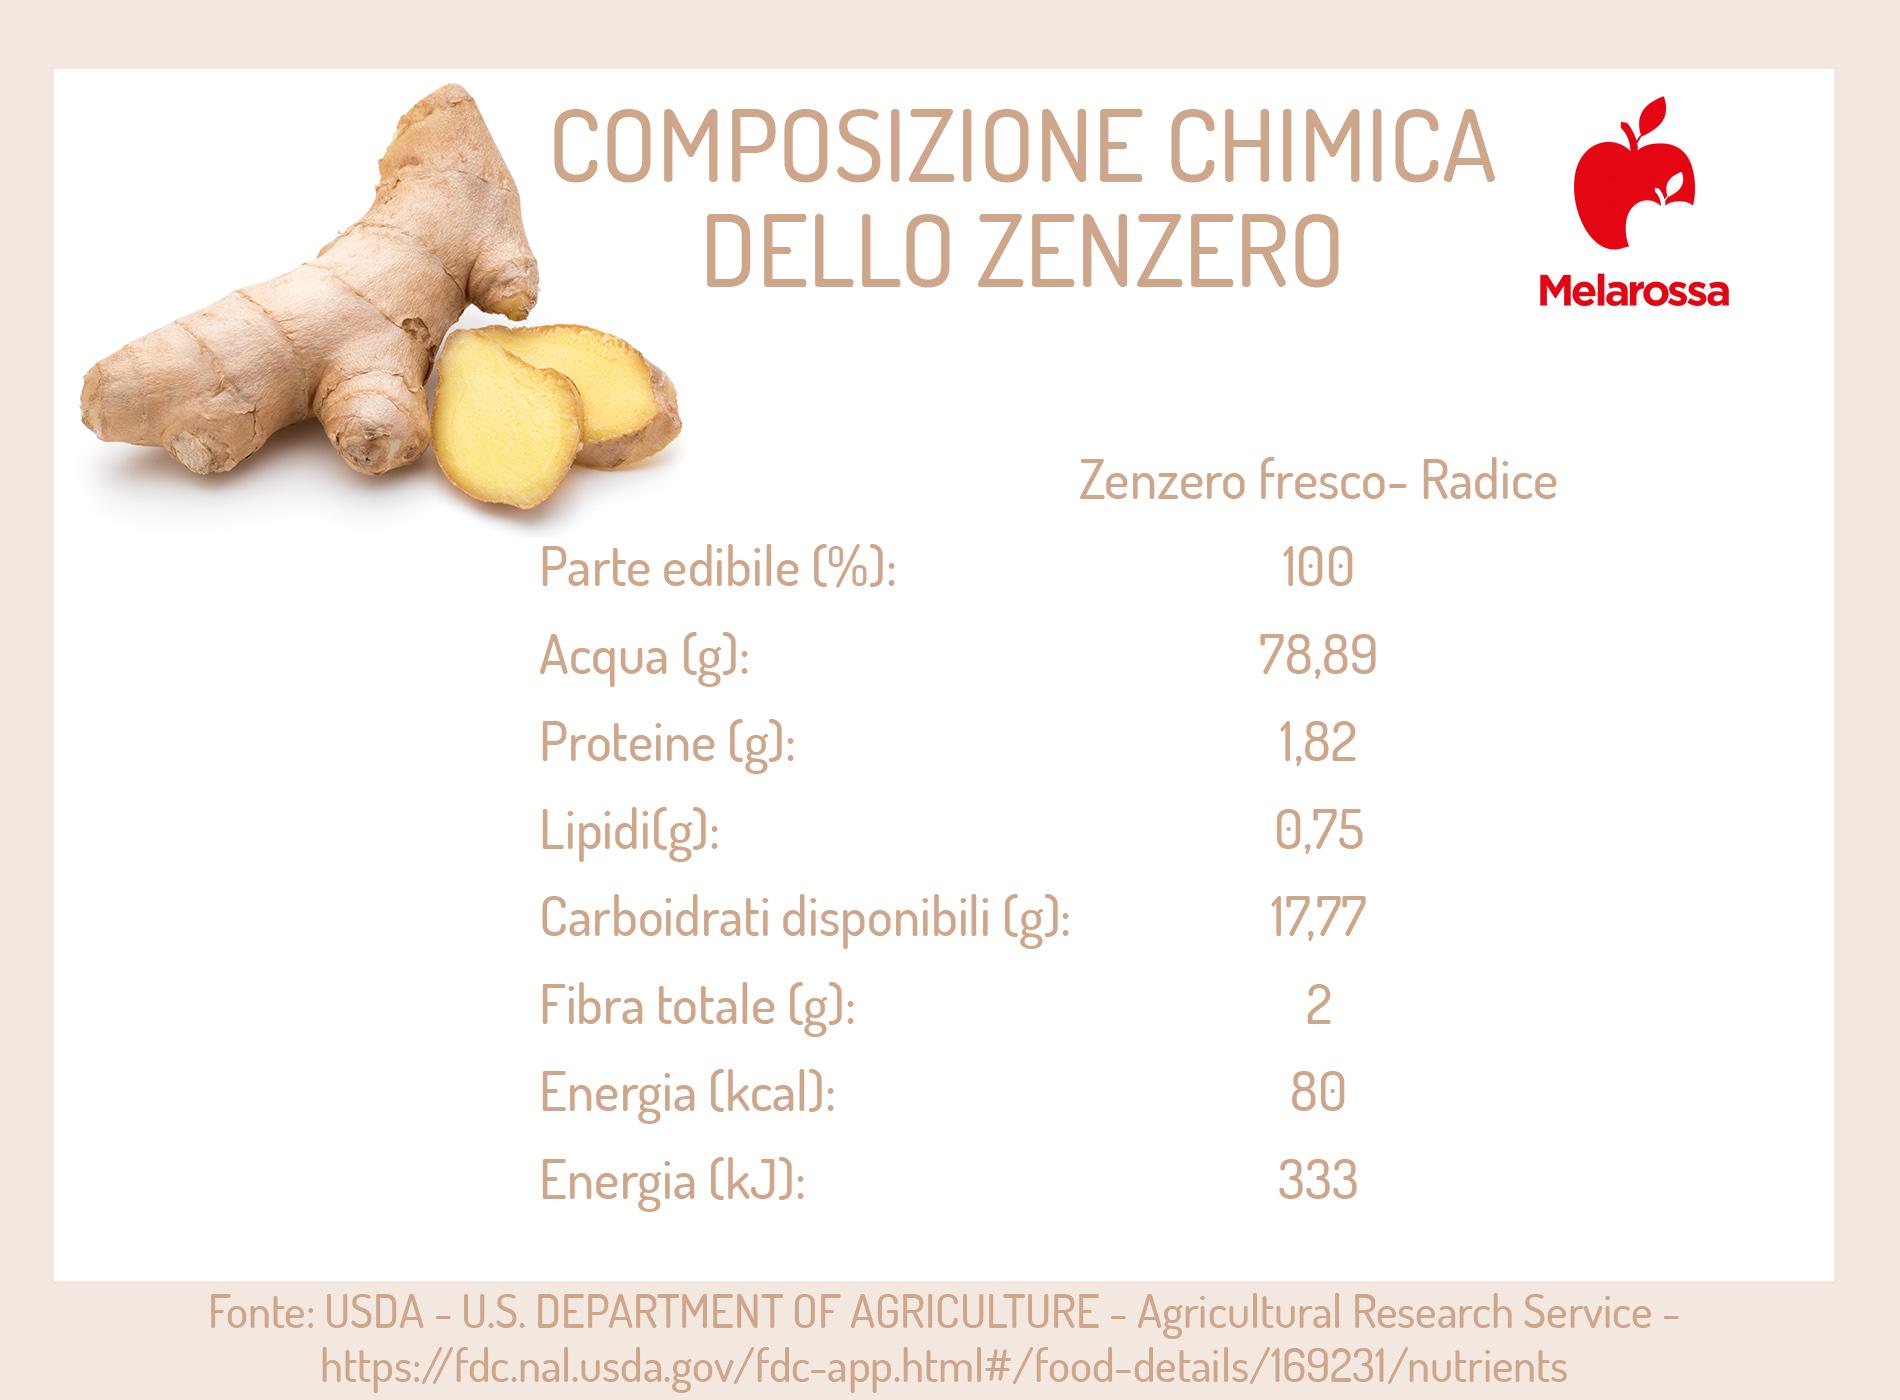 Zenzero: tabella composizione chimica